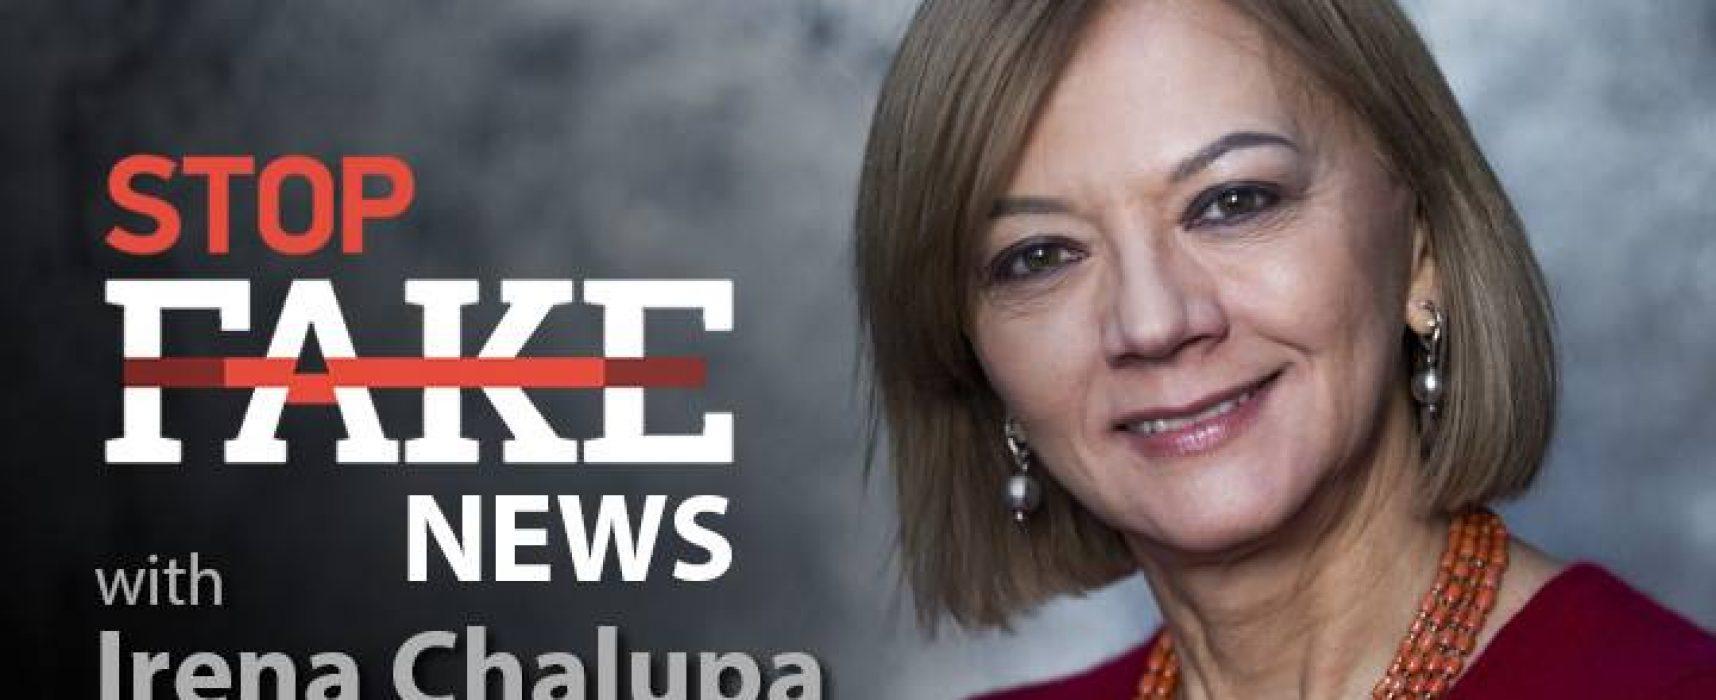 StopFakeNews #82 [Engels] met Irena Chalupa